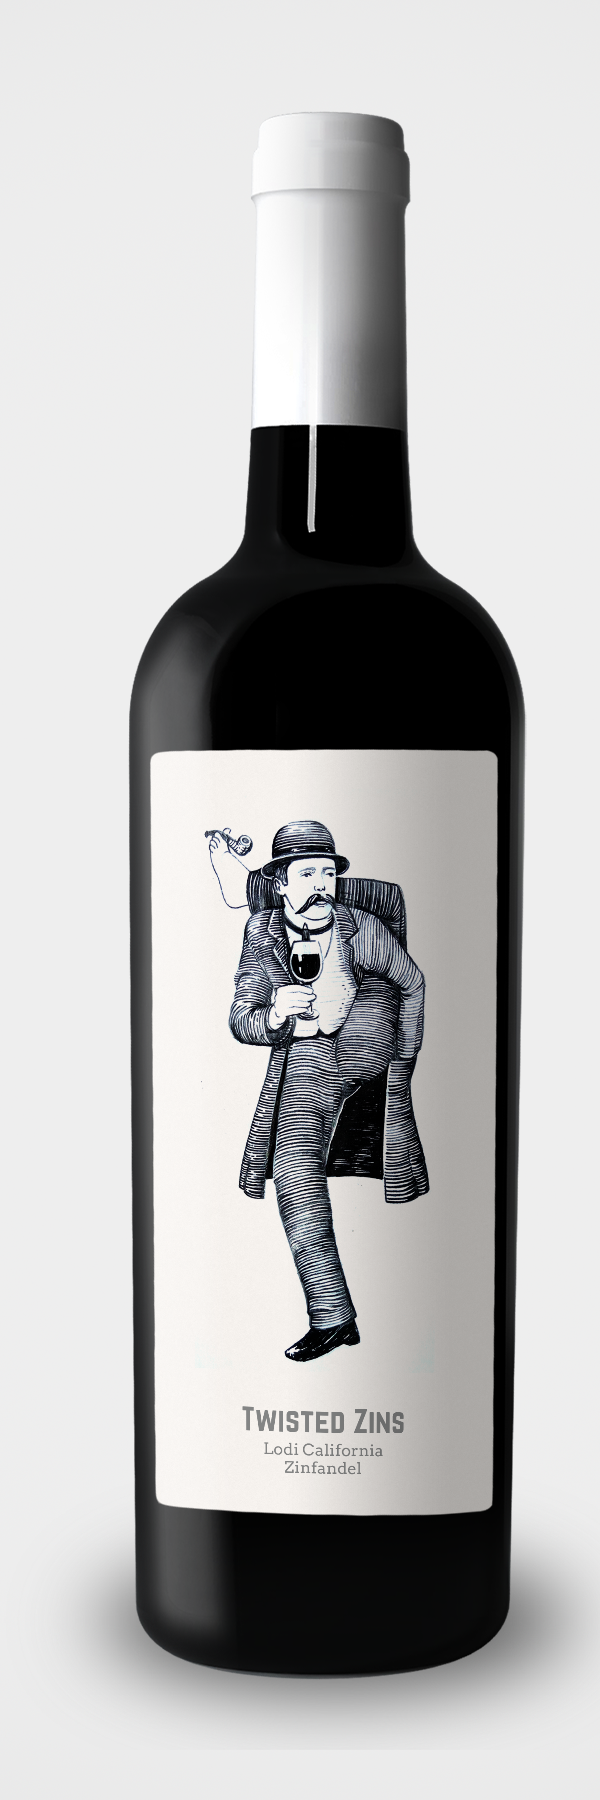 Một nhãn hiệu đương đại thú vị của lemoor giúp sử dụng tuyệt vời một nhân vật độc đáo, bắt mắt. Nhãn rượu Minh họa bởi lemoor.